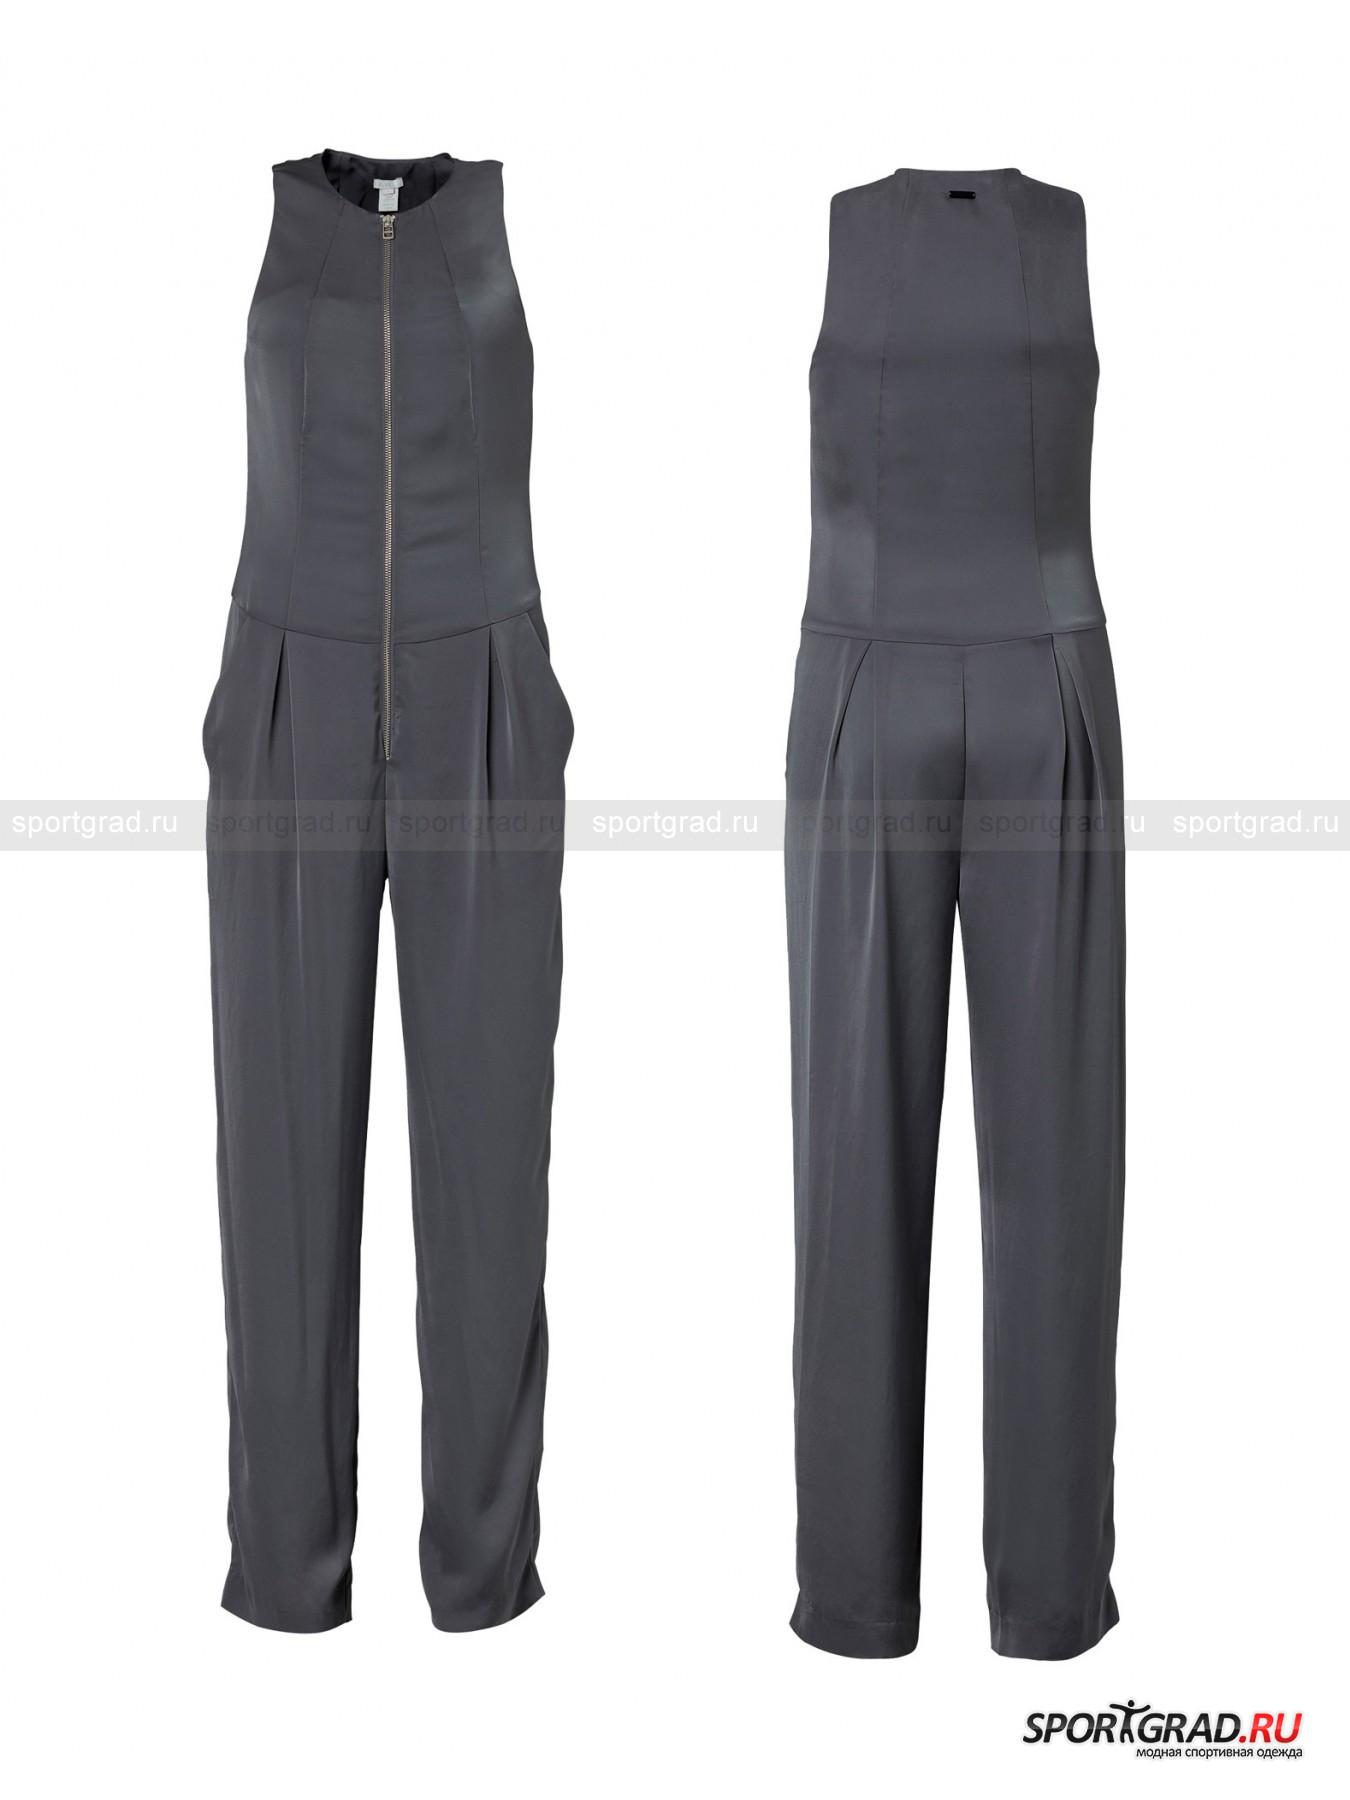 Комбинезон женский на молнии Form jumpsuit SLVR ADIDAS от Спортград